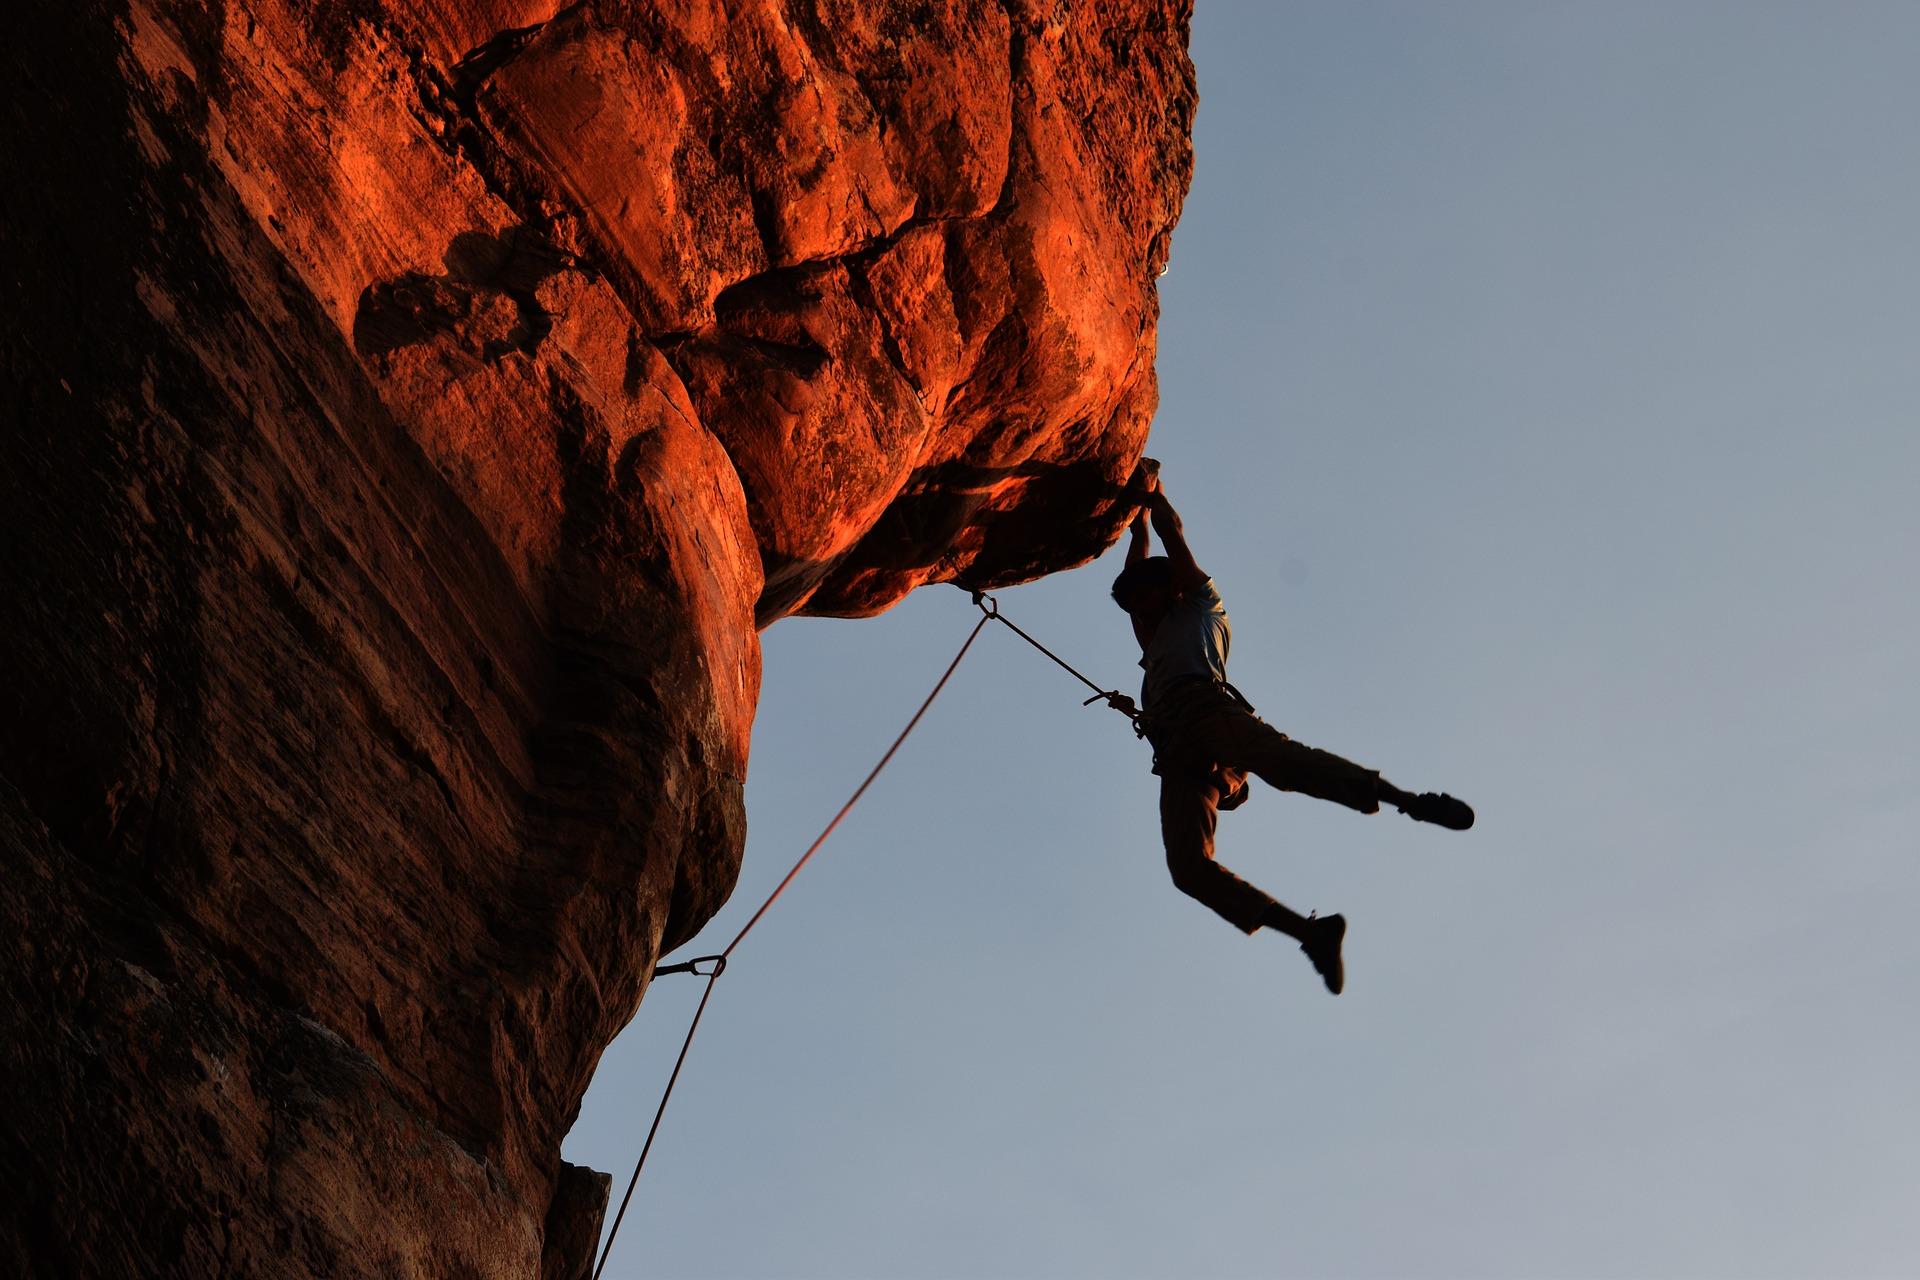 climbing-2264698_1920